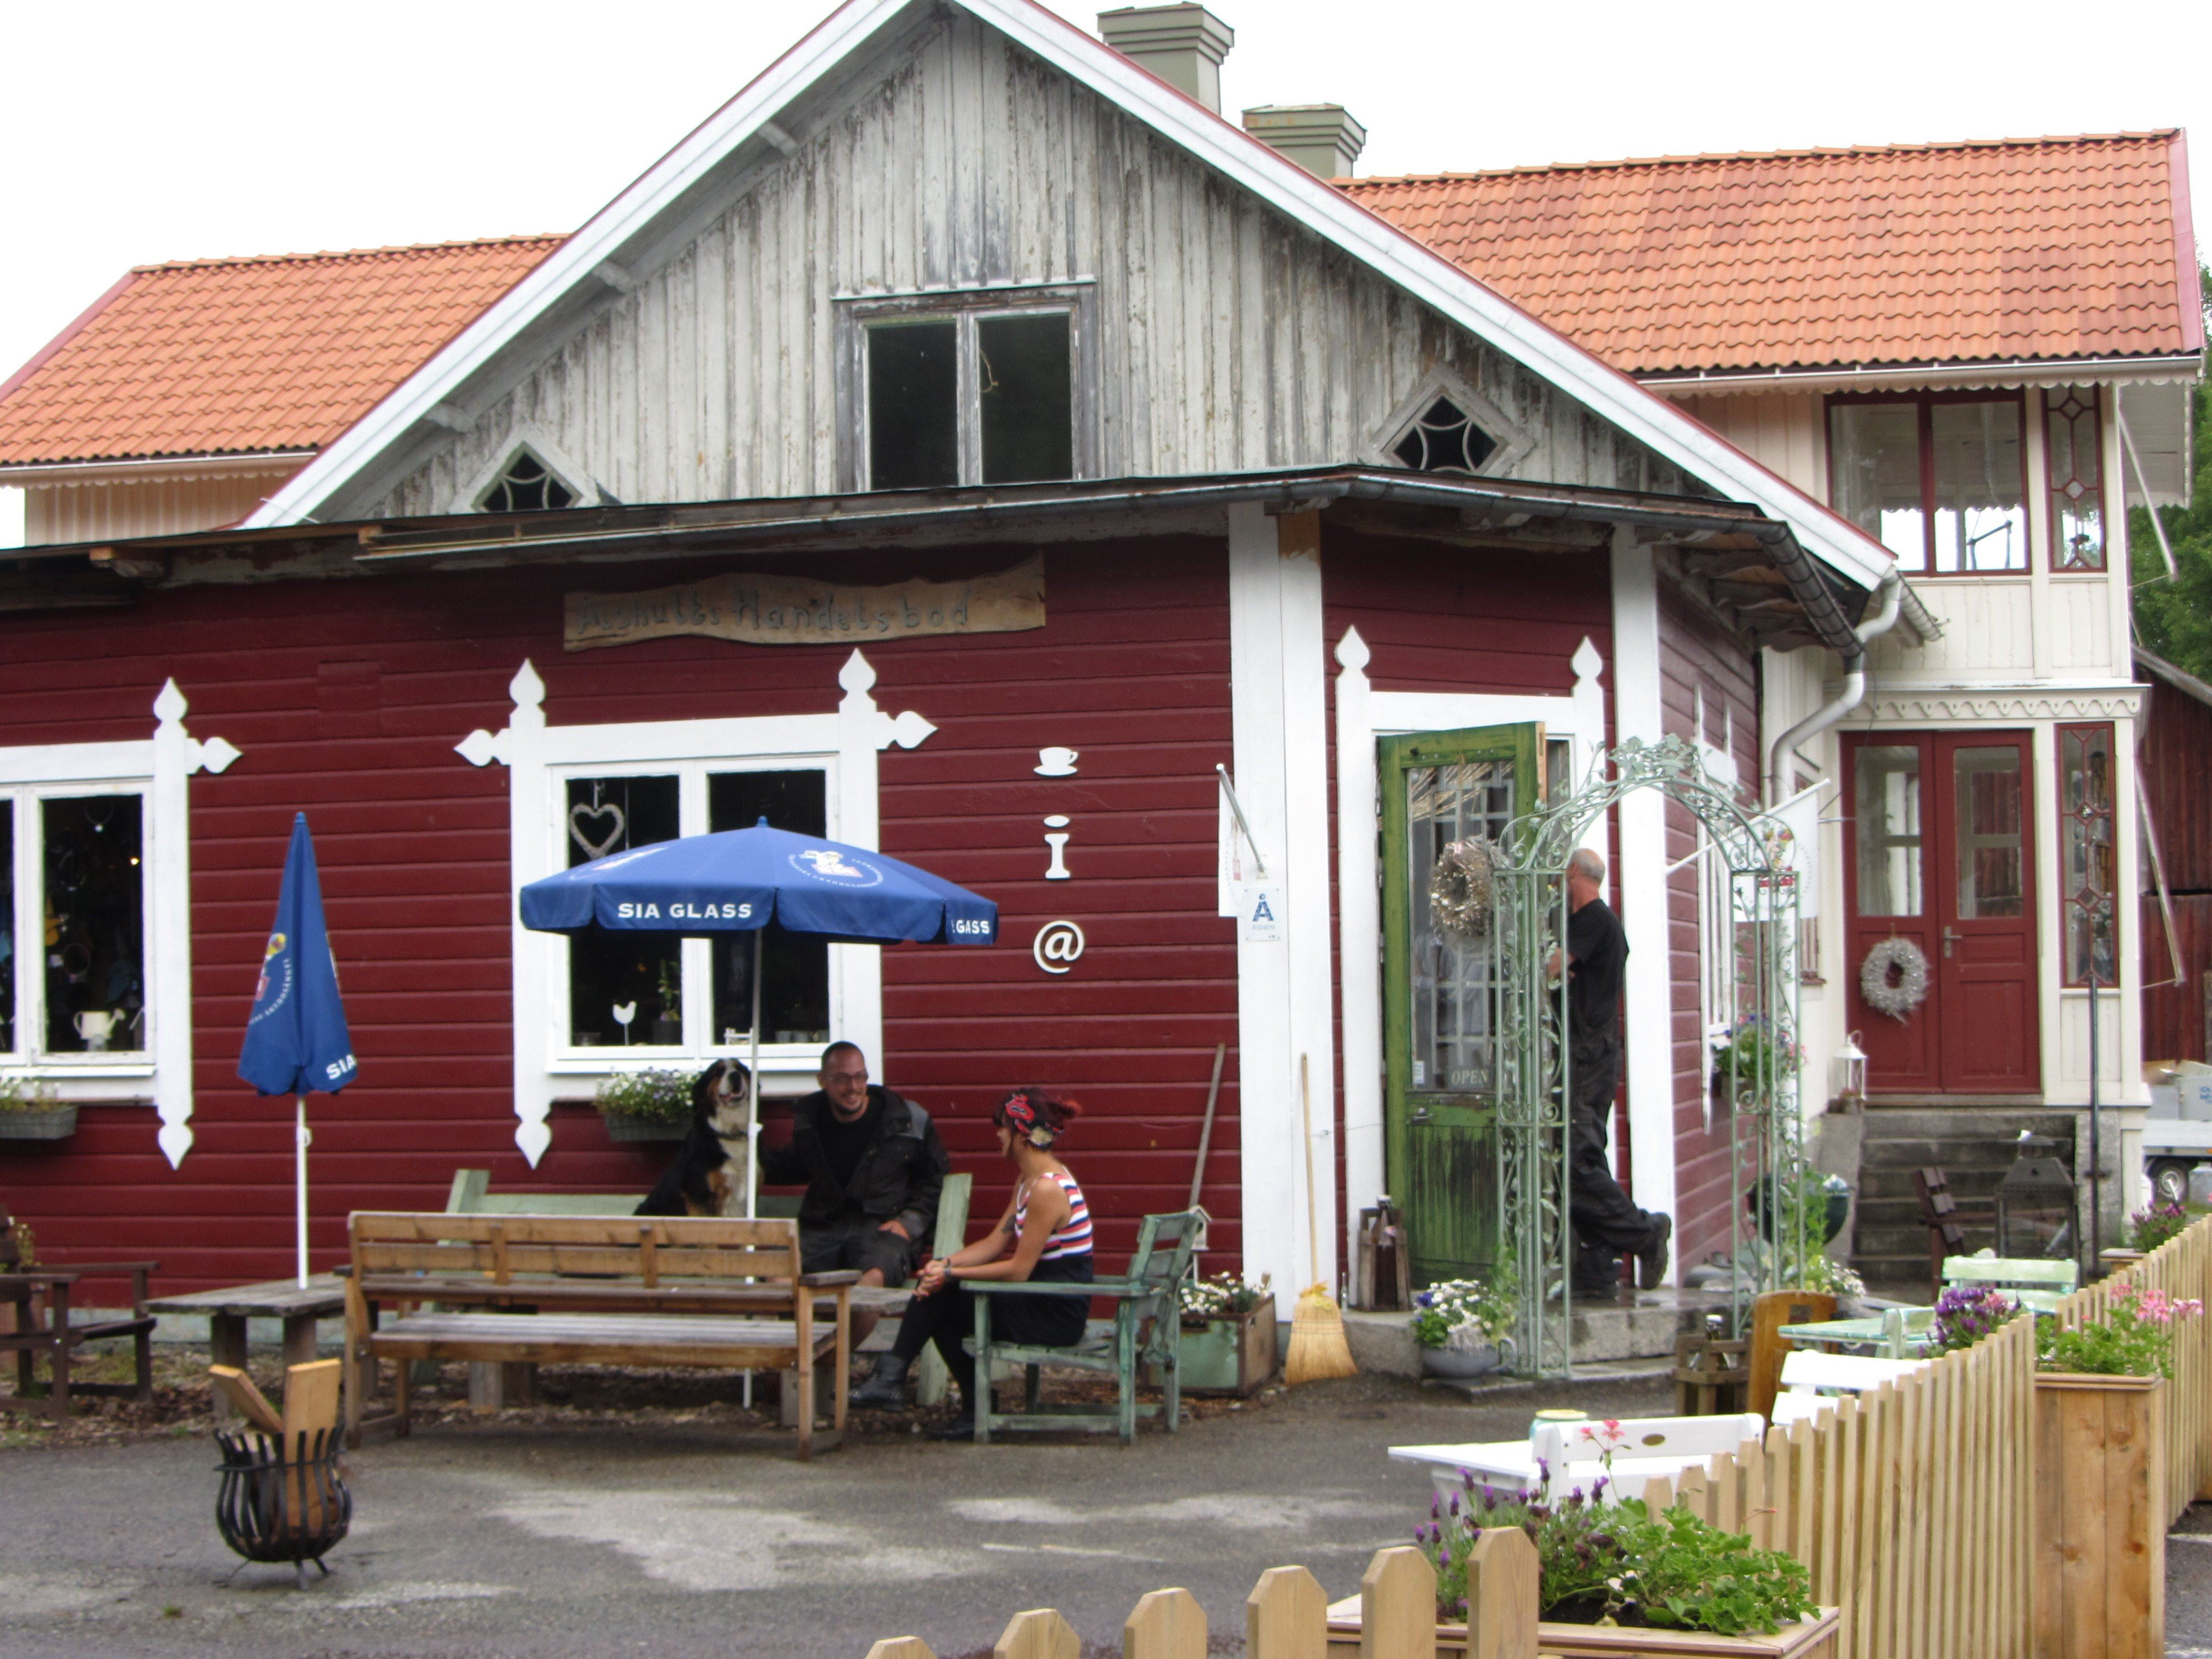 Karin Nilsson,  © Tingsryds Turistbyrå, Ålshults Handelsbod